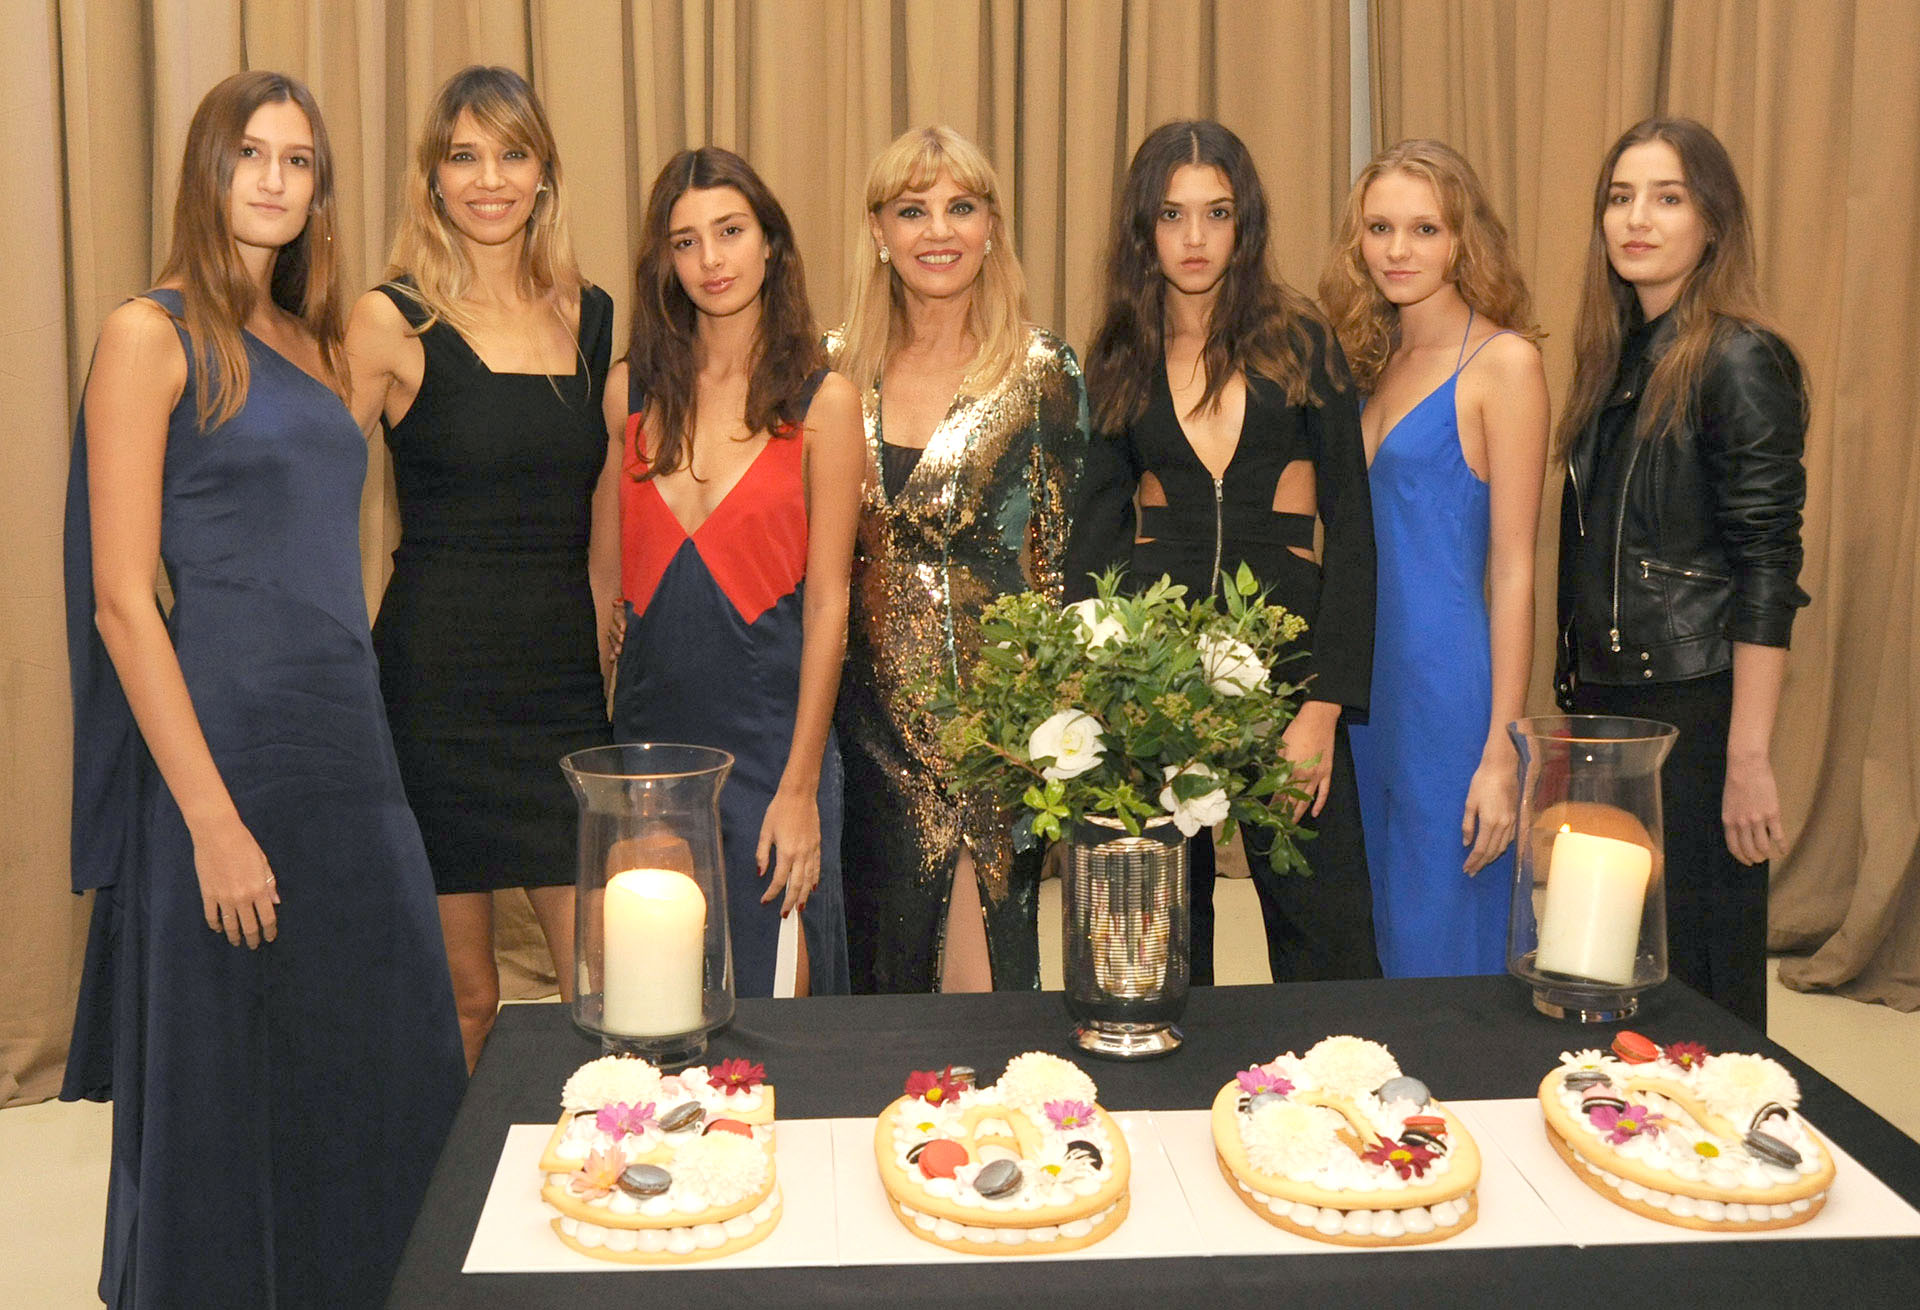 Teté Coustarot, Lorena Ceriscioli y las modelos de su agencia Lo management junto a la torta del aniversario que realizóFraula Pastelería.